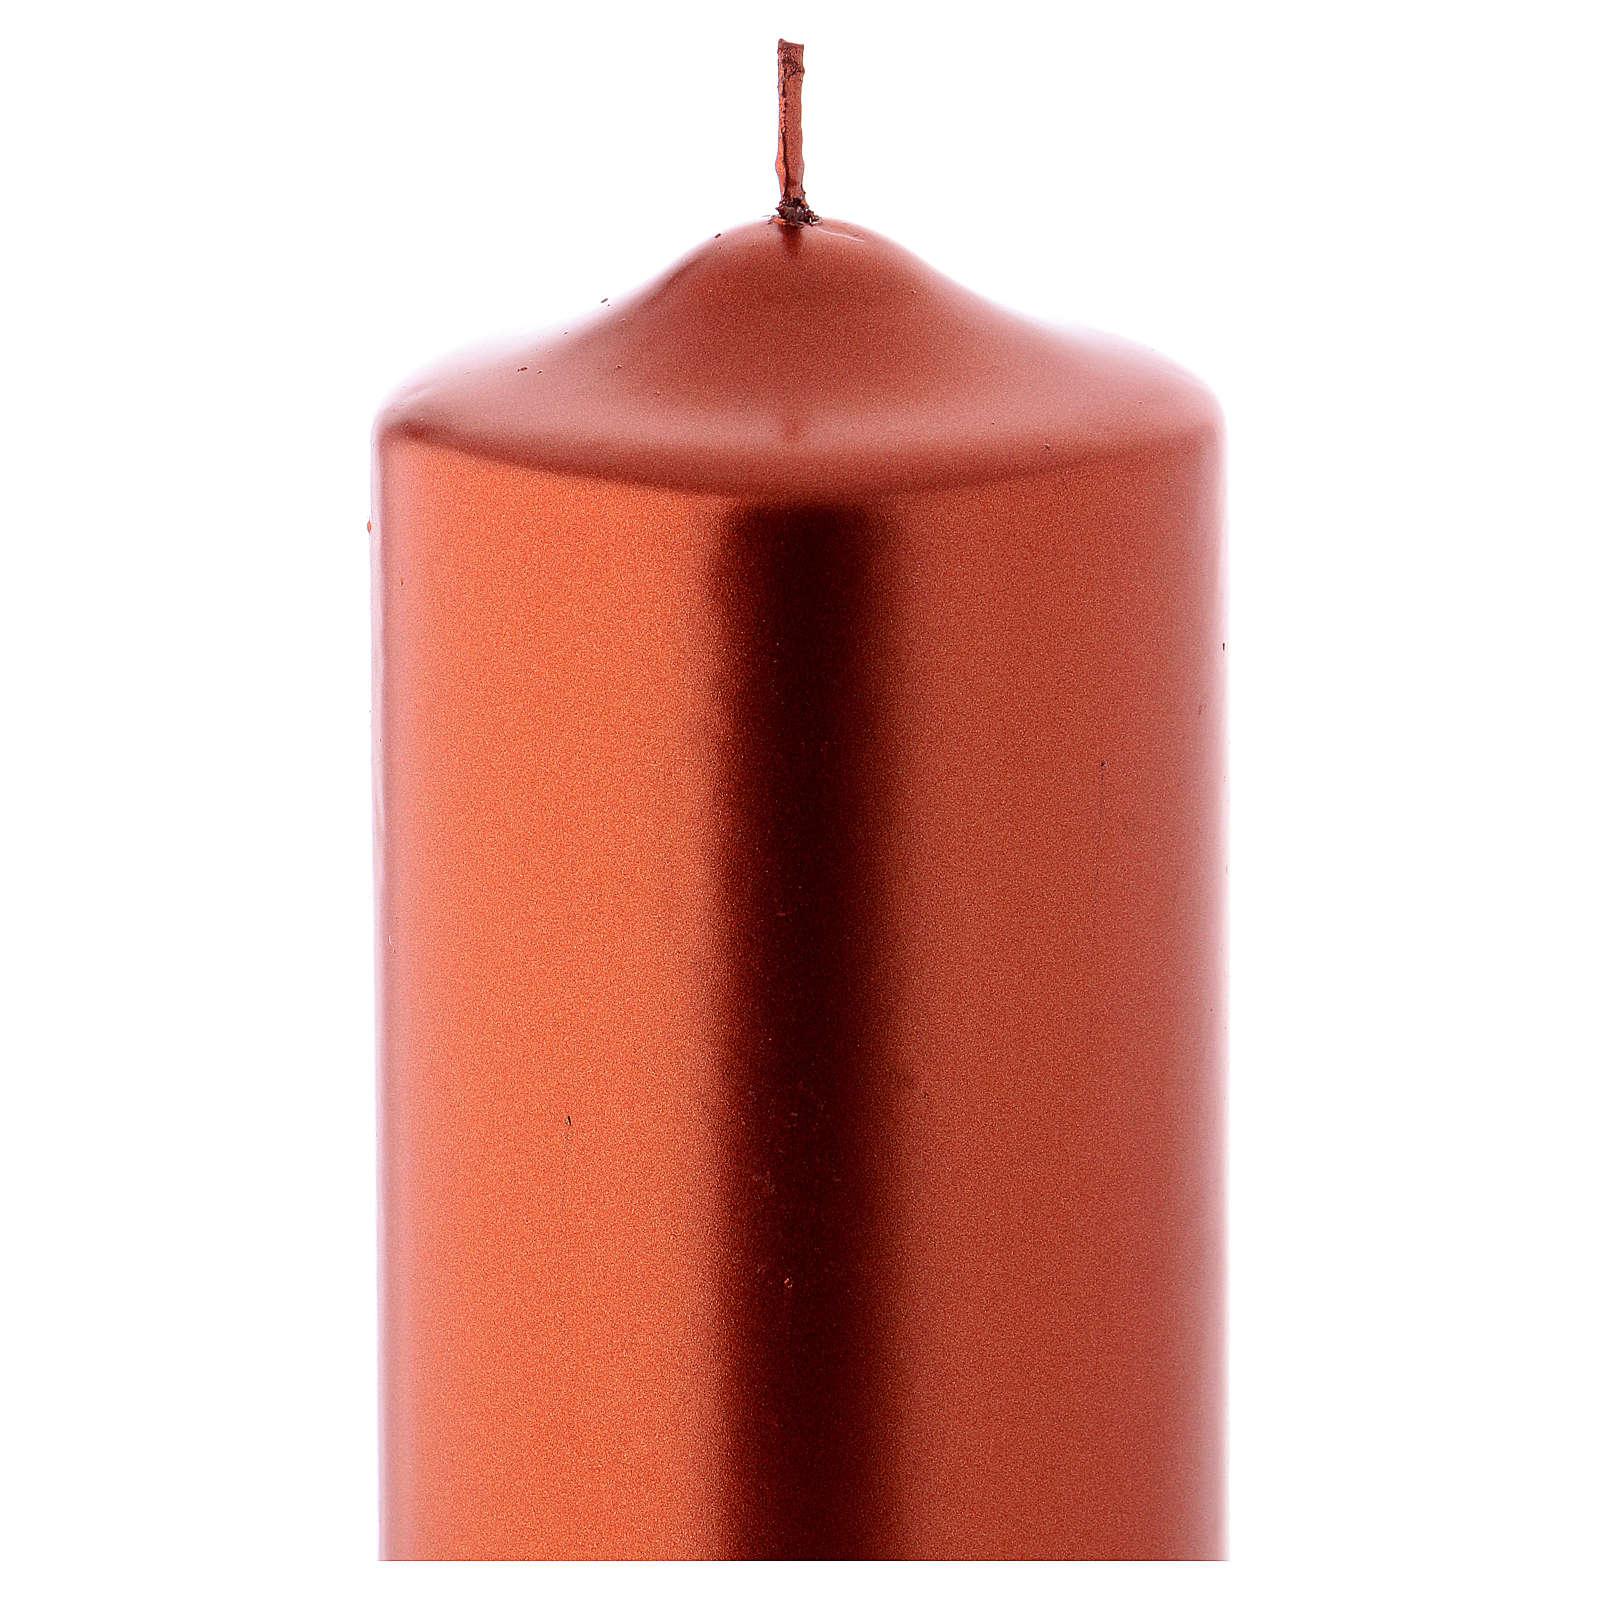 Vela de Natal efeito metálico Ceralacca 24x8 cm cor de cobre 3